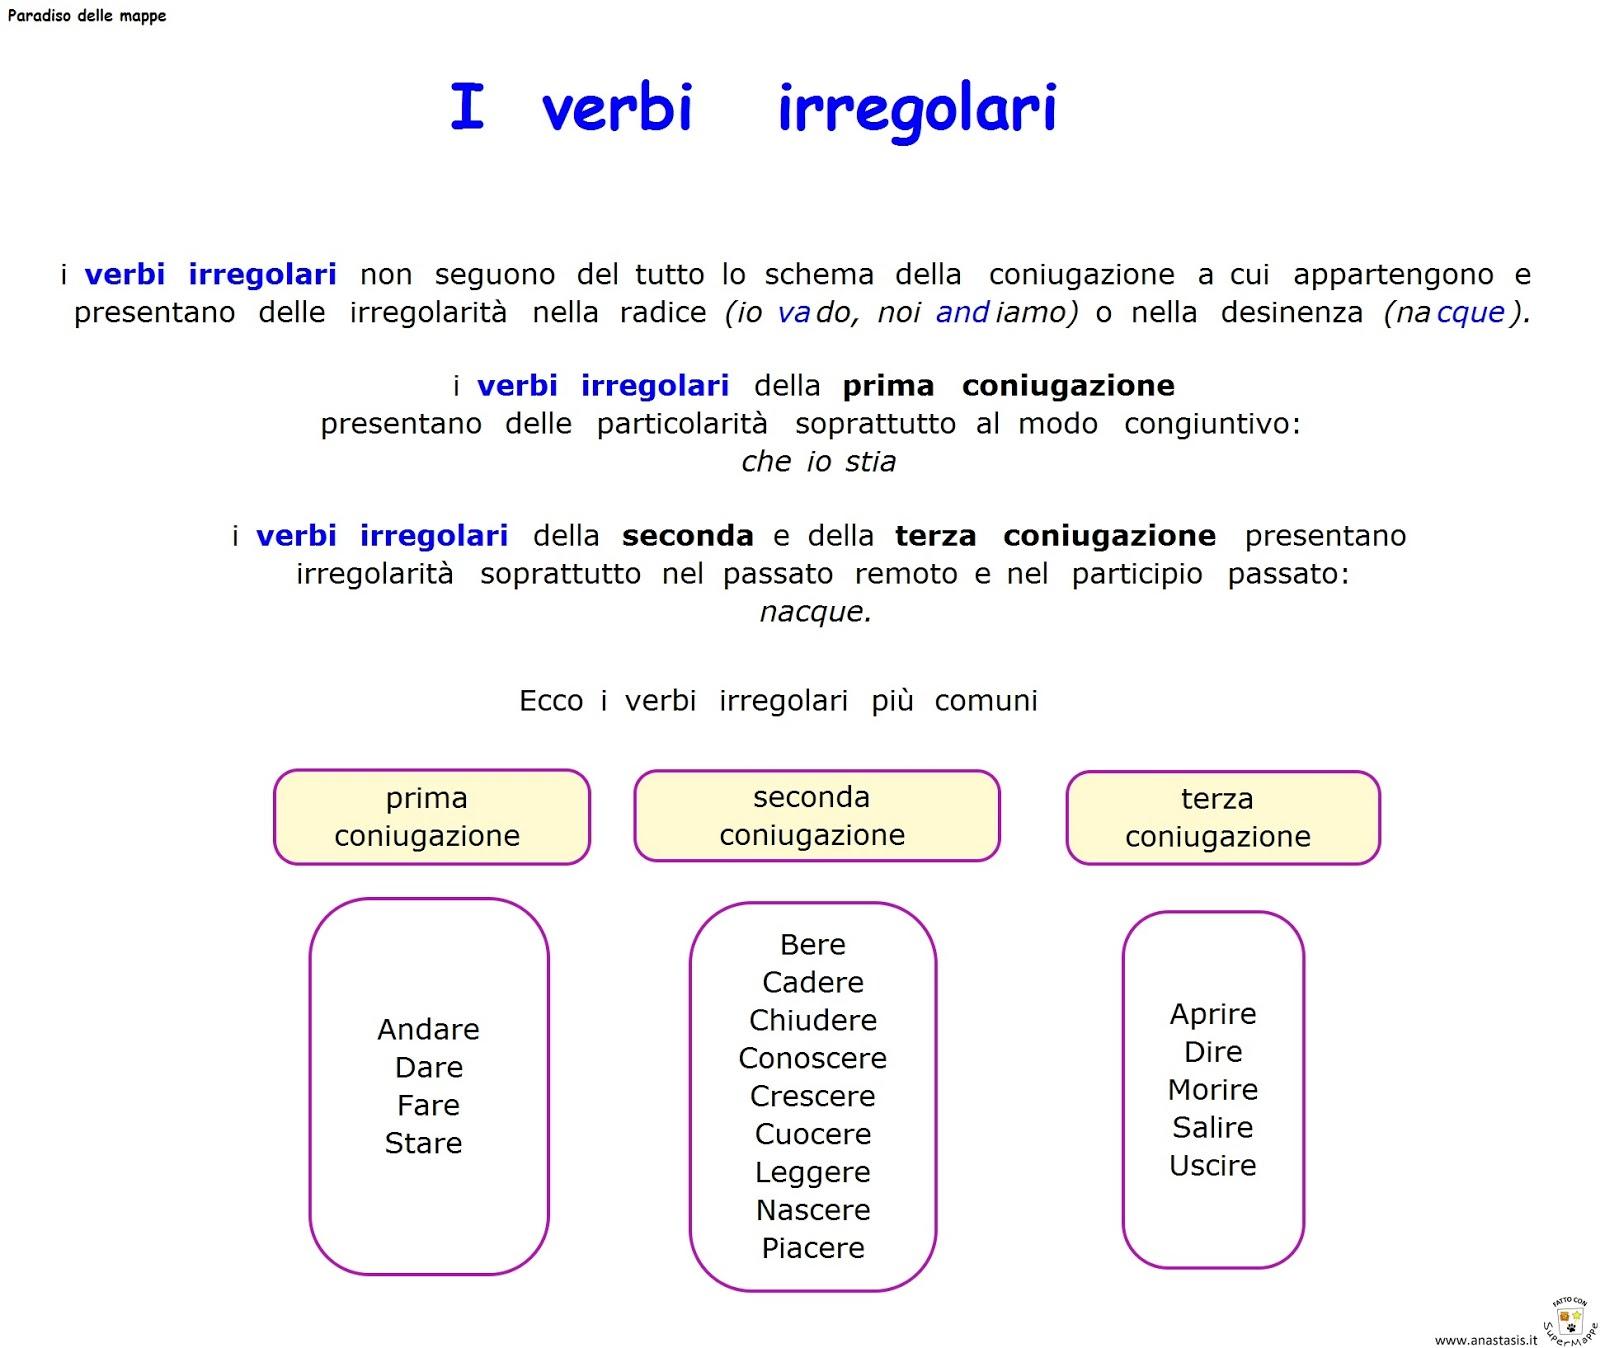 abbastanza Paradiso delle mappe: I verbi irregolari MY05